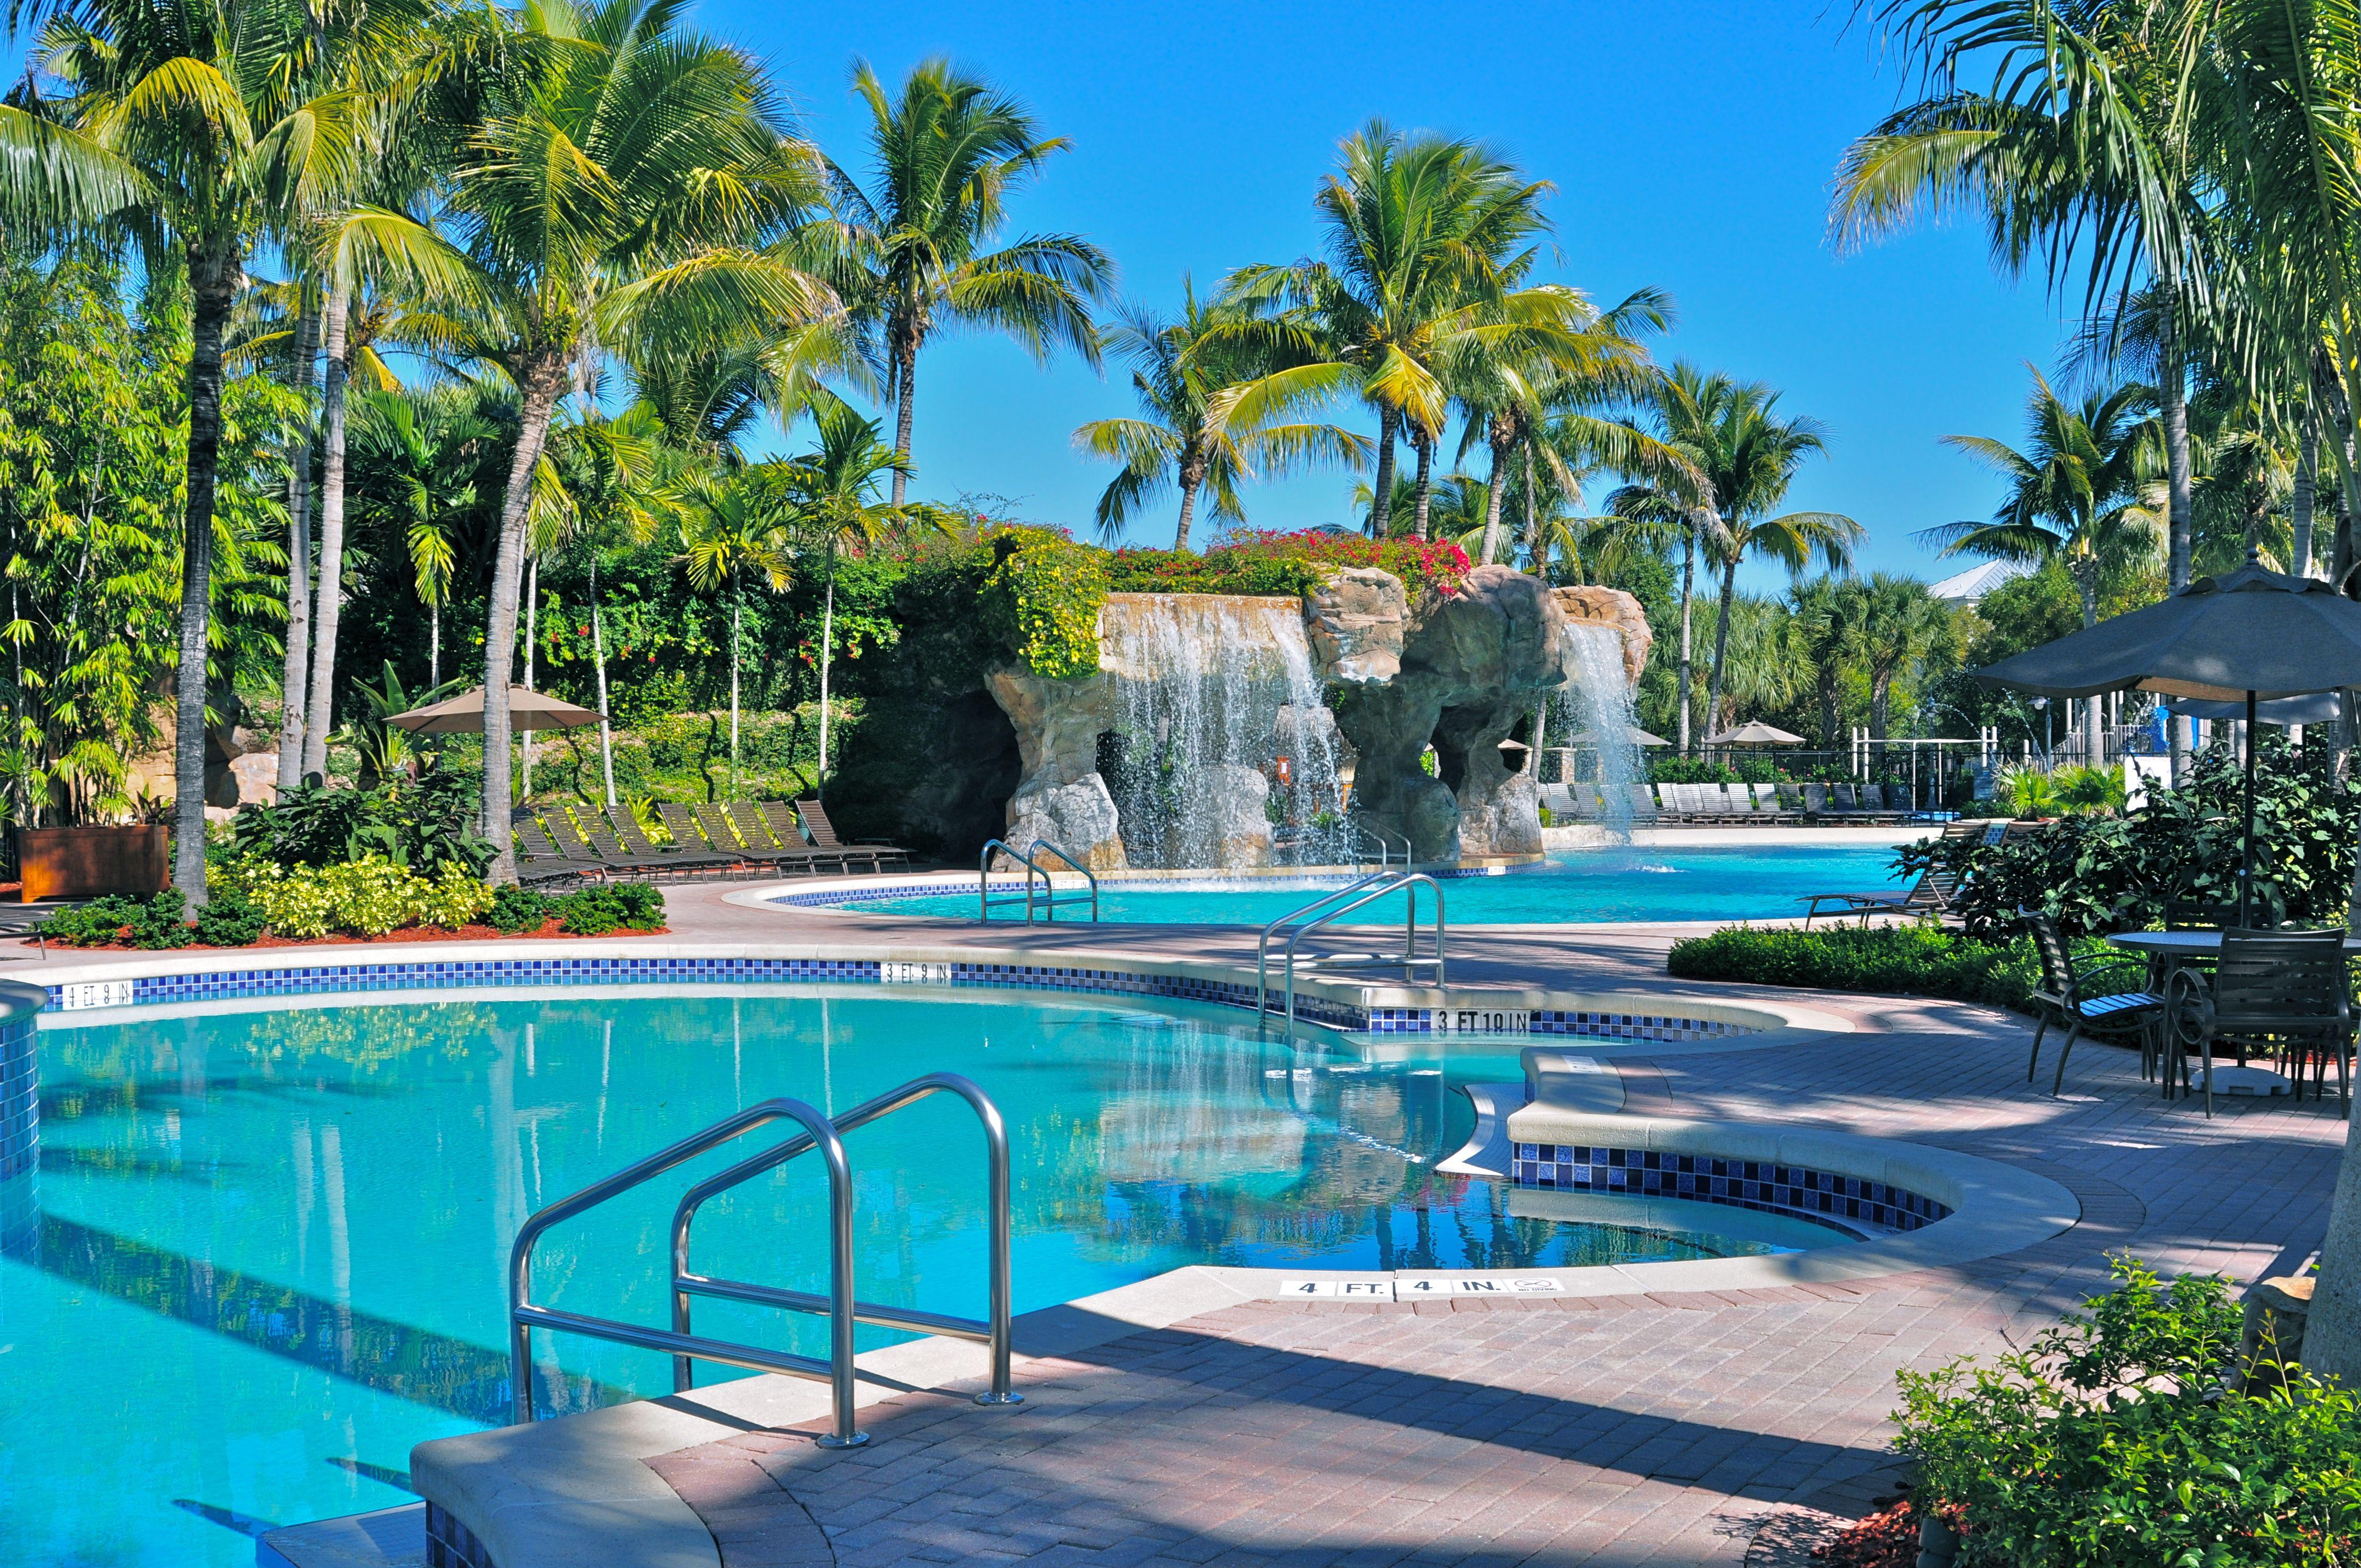 Hyatt Residence Club Bonita Springs, Coconut Plantation Hotel